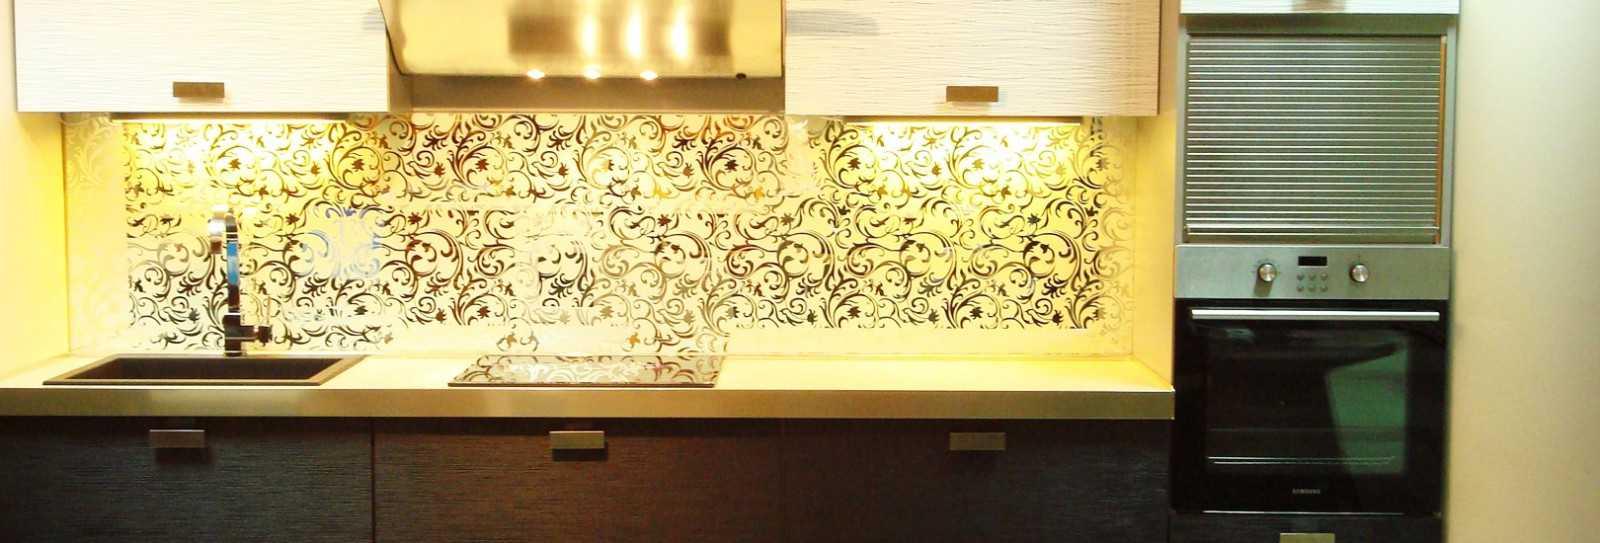 Скинали и светодиодные точечные светильники – новая жизнь для кухни